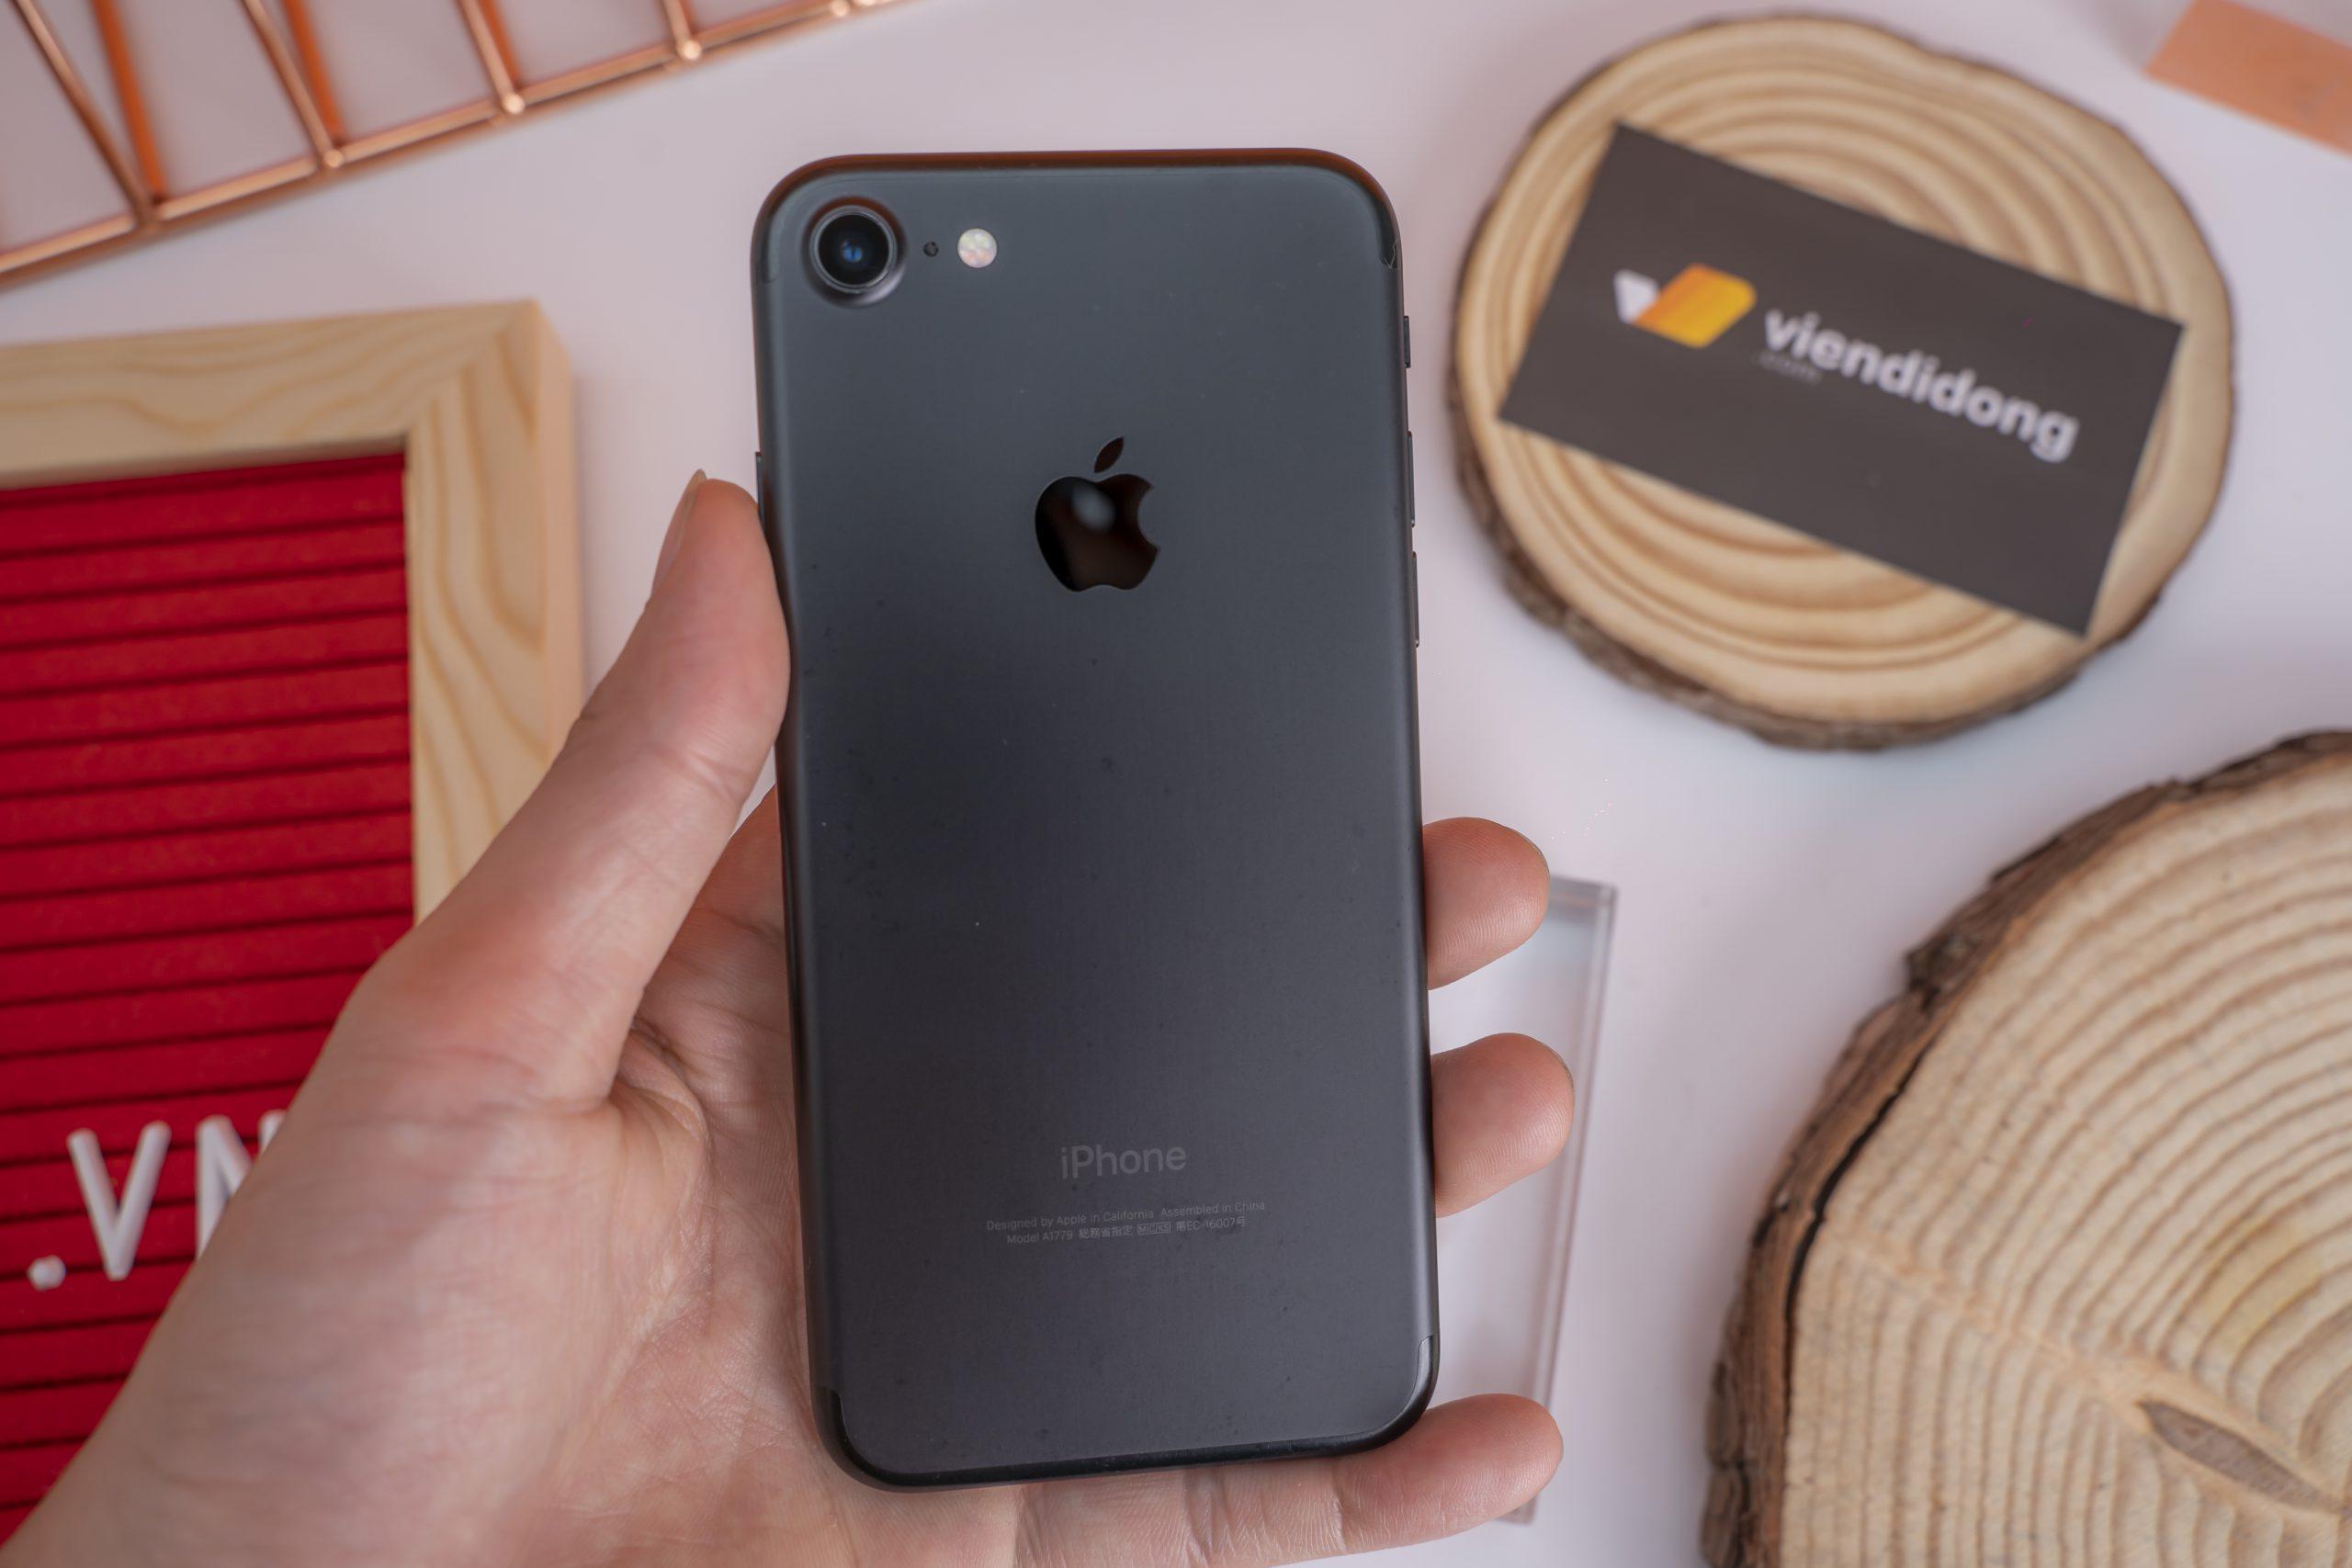 Chiếc điện thoại sở hữu vẻ đẹp sang trọng nhưng vẫn đảm bảo kích thước vừa vặn với tay người dùng.